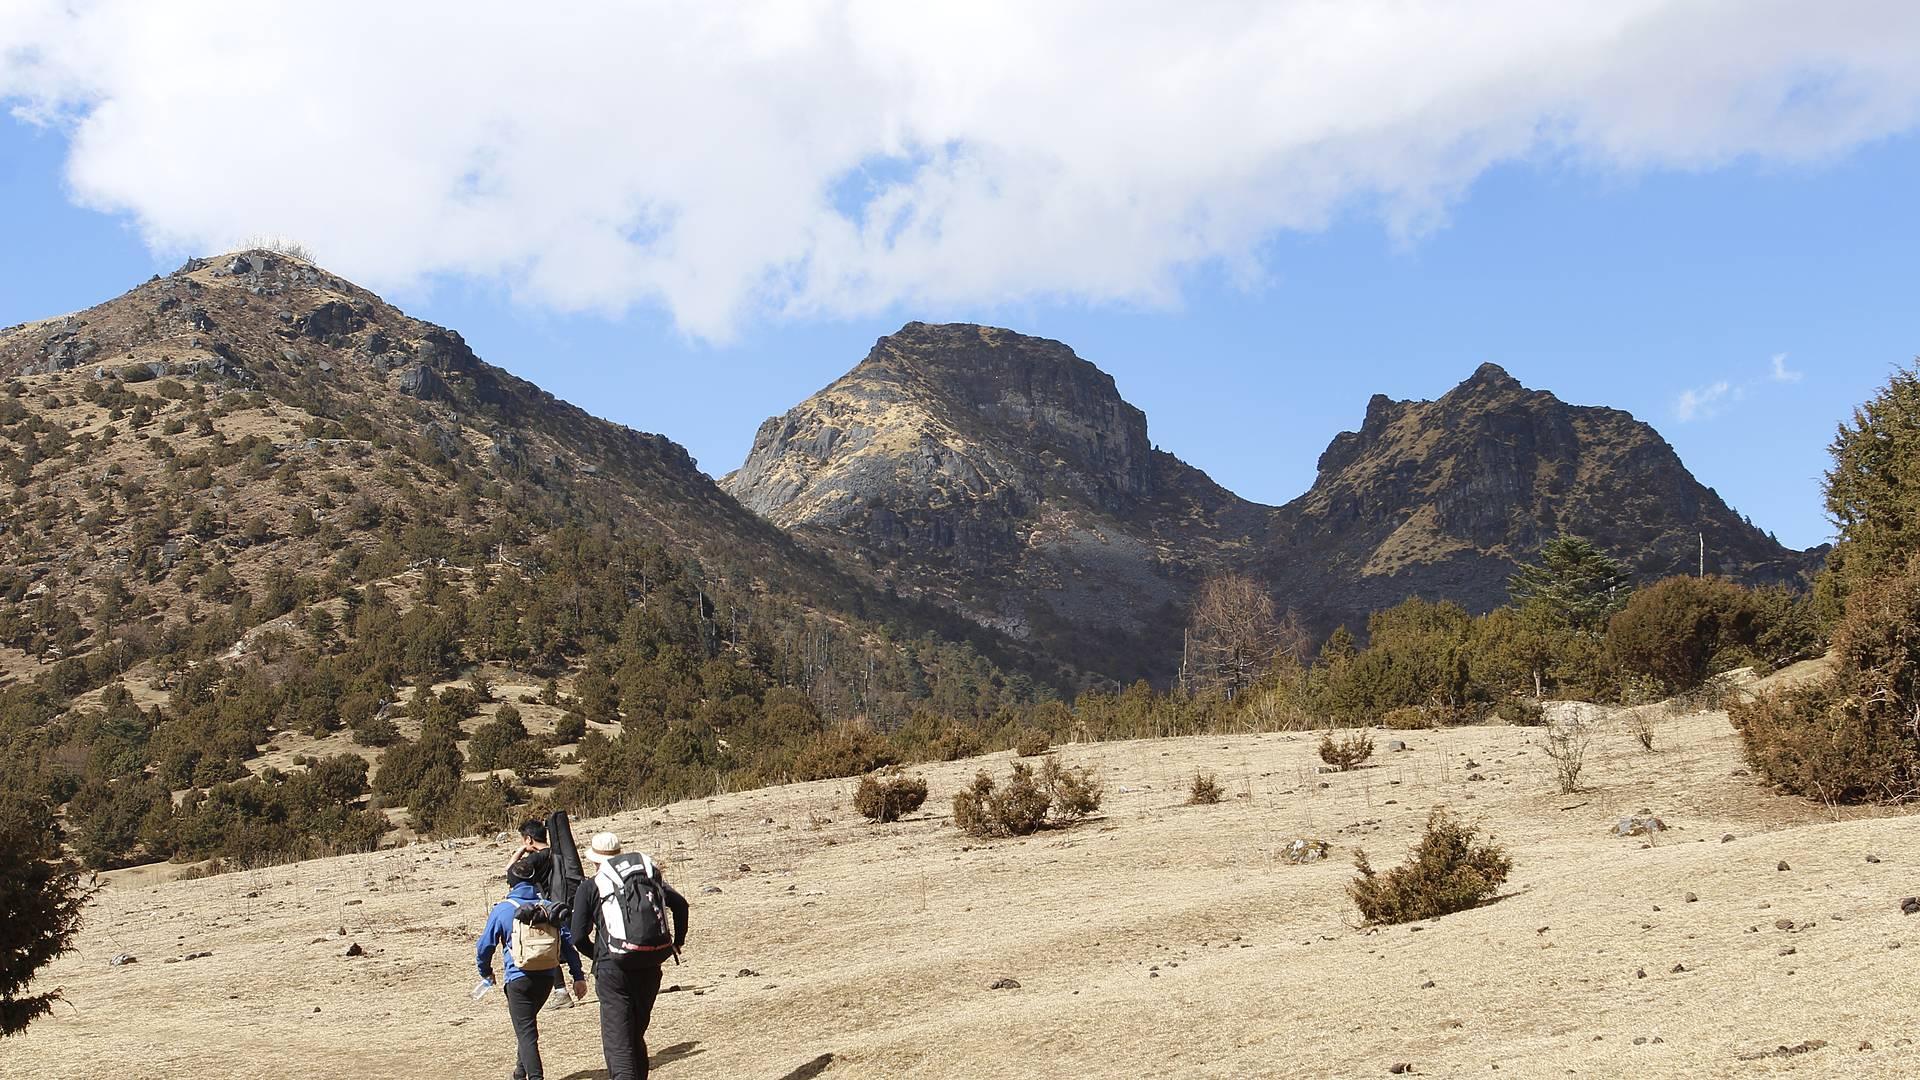 Druk Path Trek! Wanderung durch eine vergessene Welt